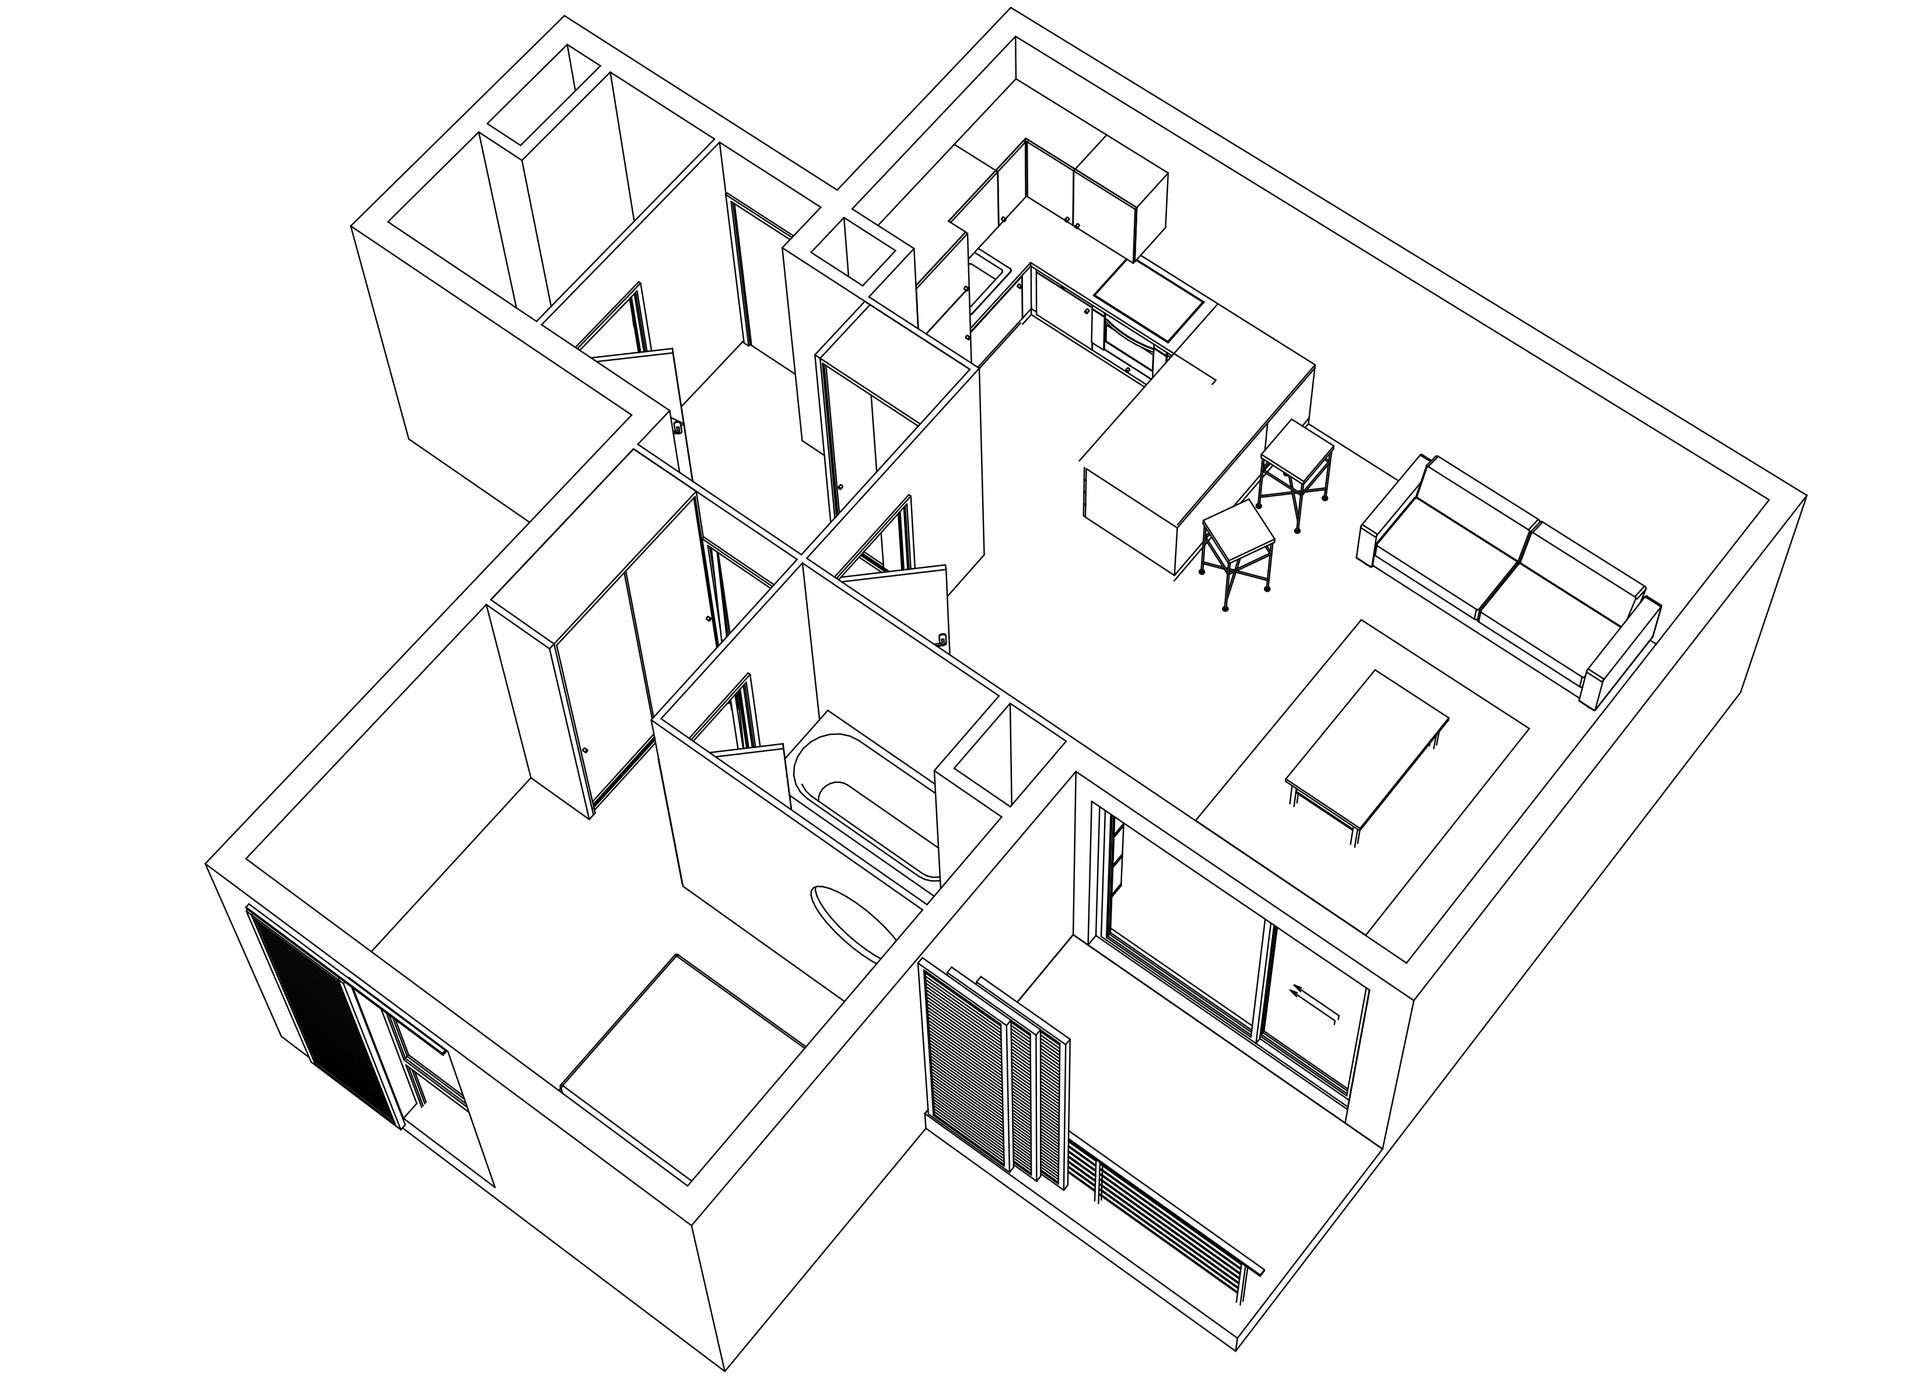 particulier-loue-superbe-t2-meuble-balcon-garage-dc71fe001c9f2a6440c616d8f5c7530f